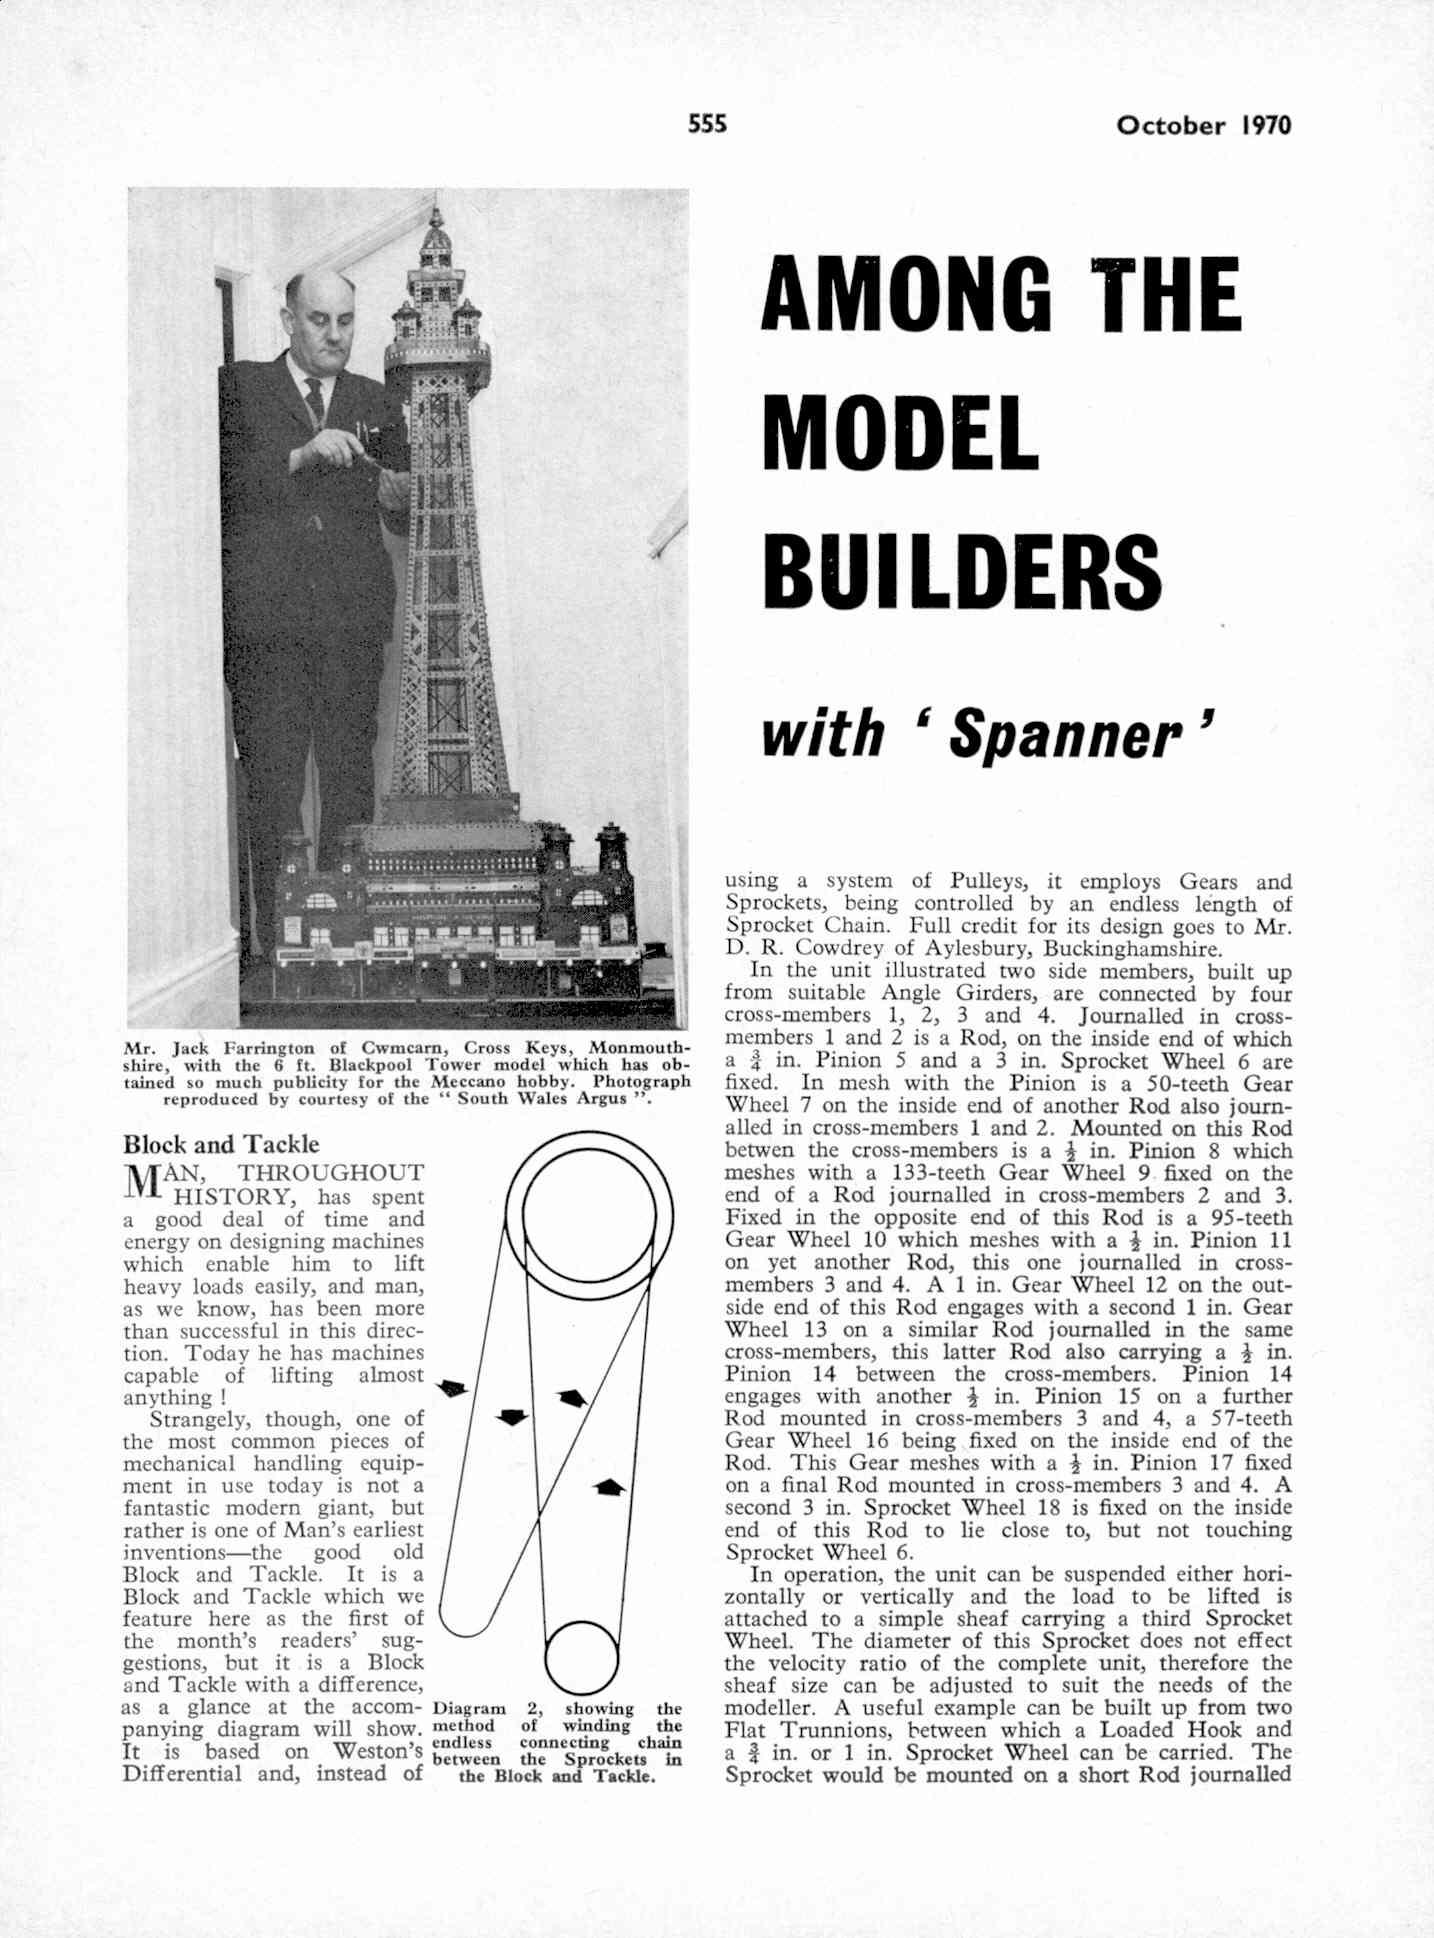 UK Meccano Magazine October 1970 Page 555